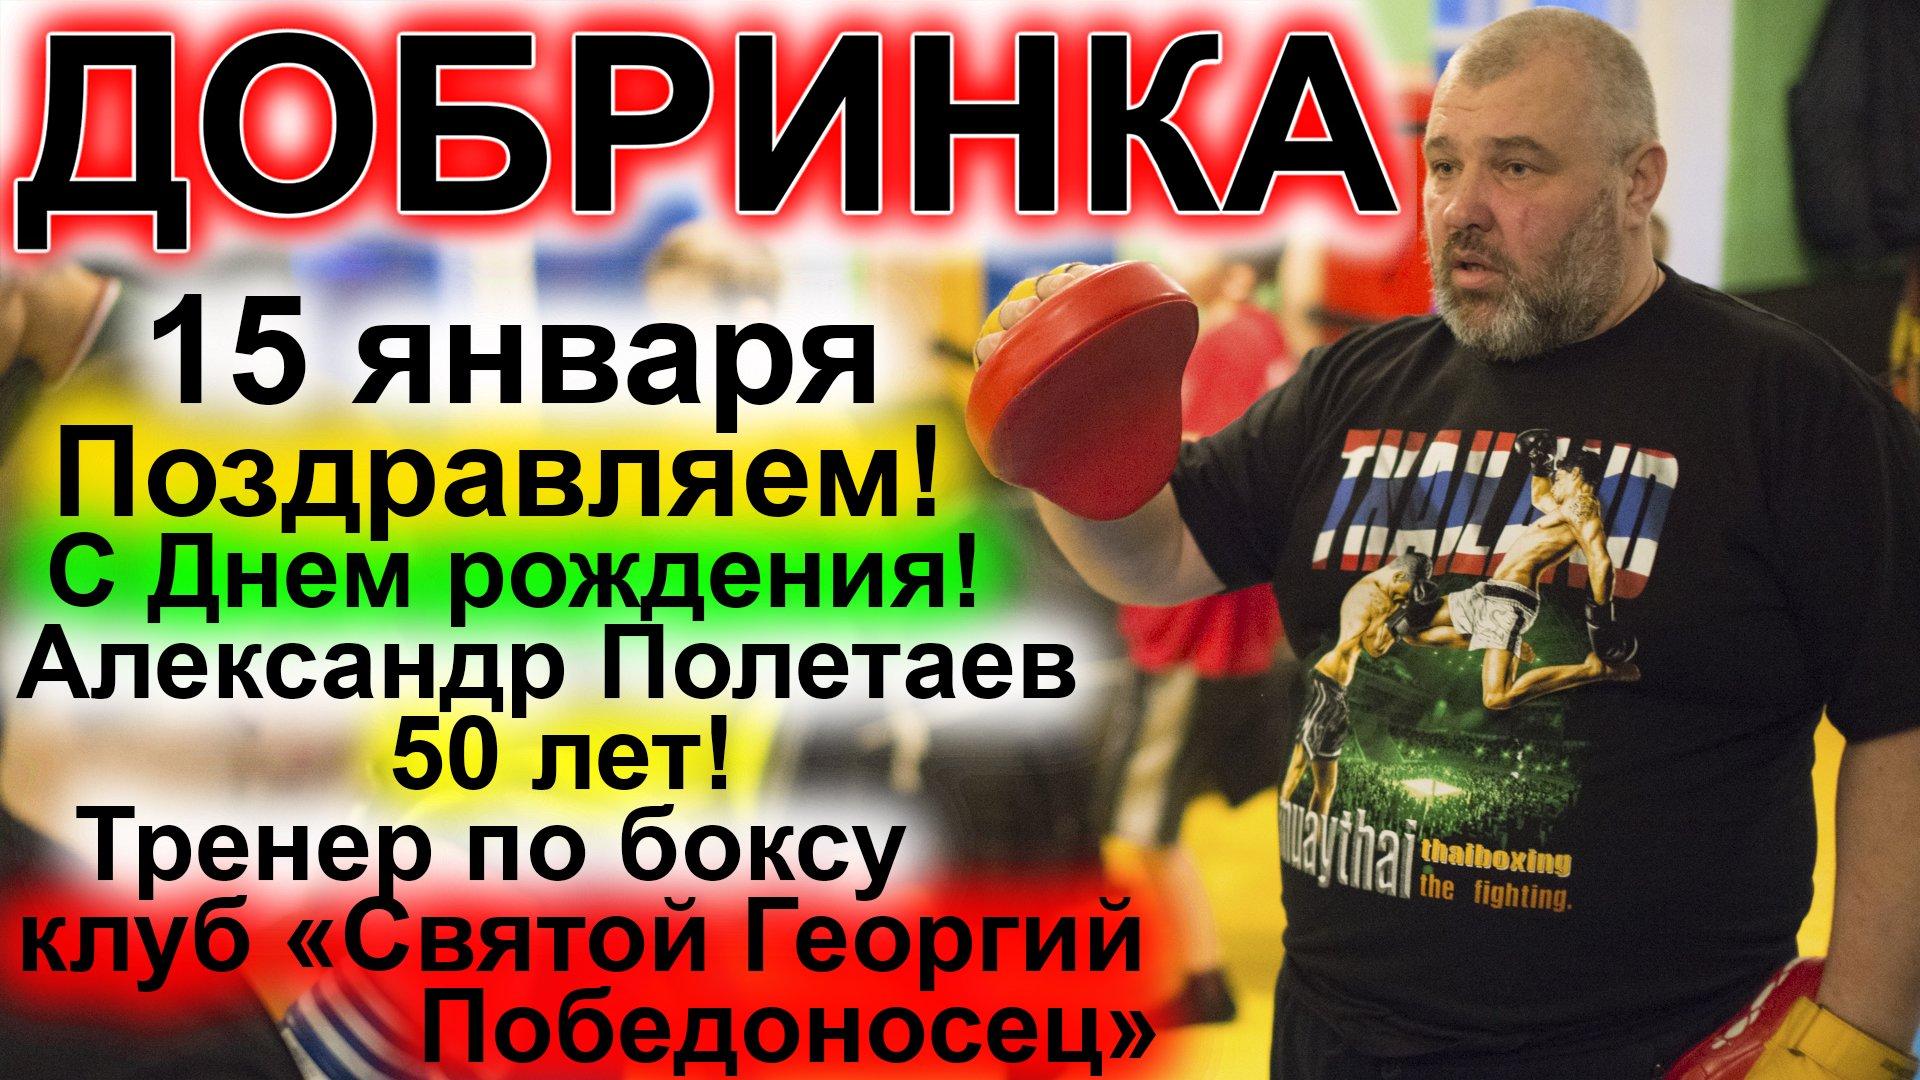 Поздравление тренера по боксу с днем рождения в прозе